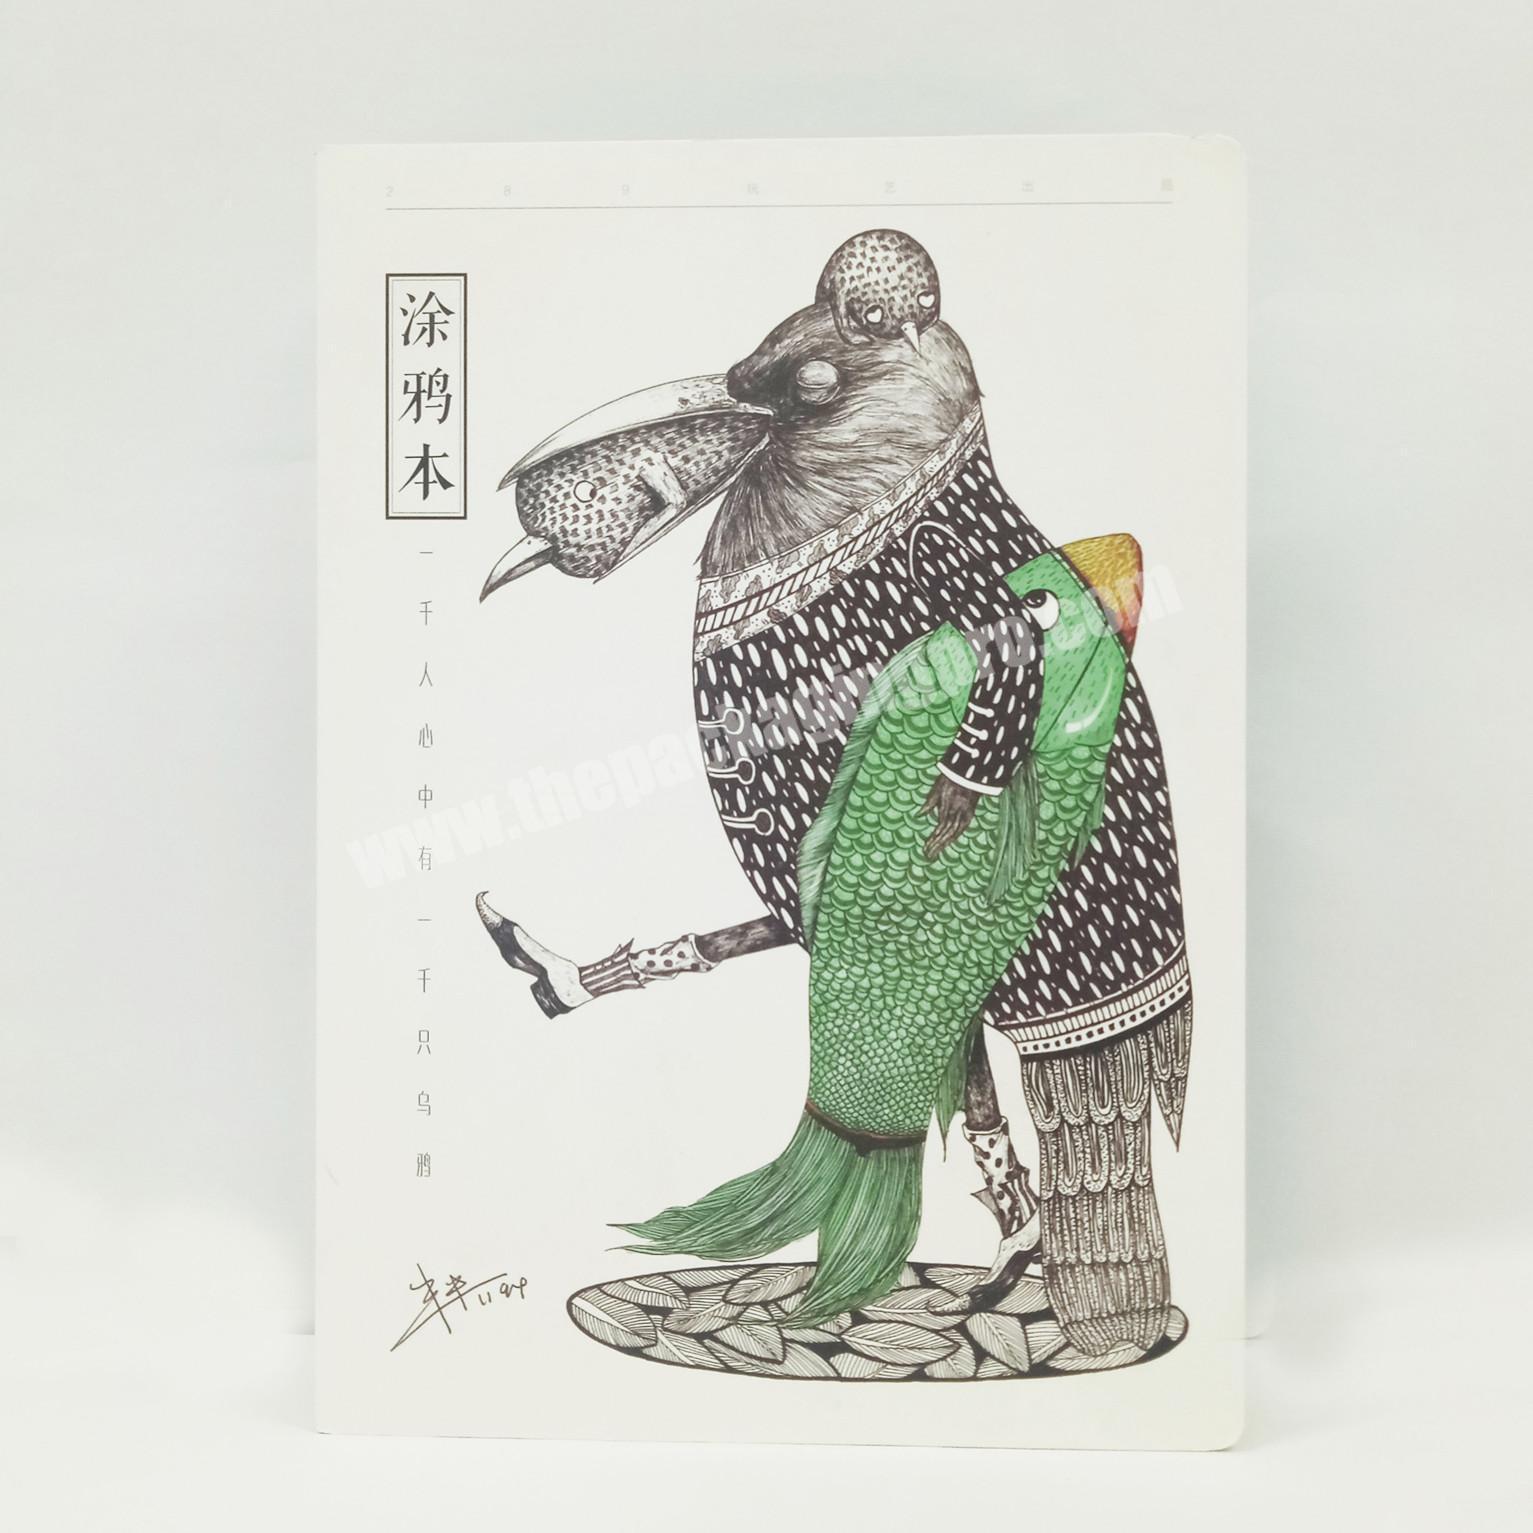 Best Selling A4 Hardcover Custom Classmate Notebook  Imaginative Graffiti book